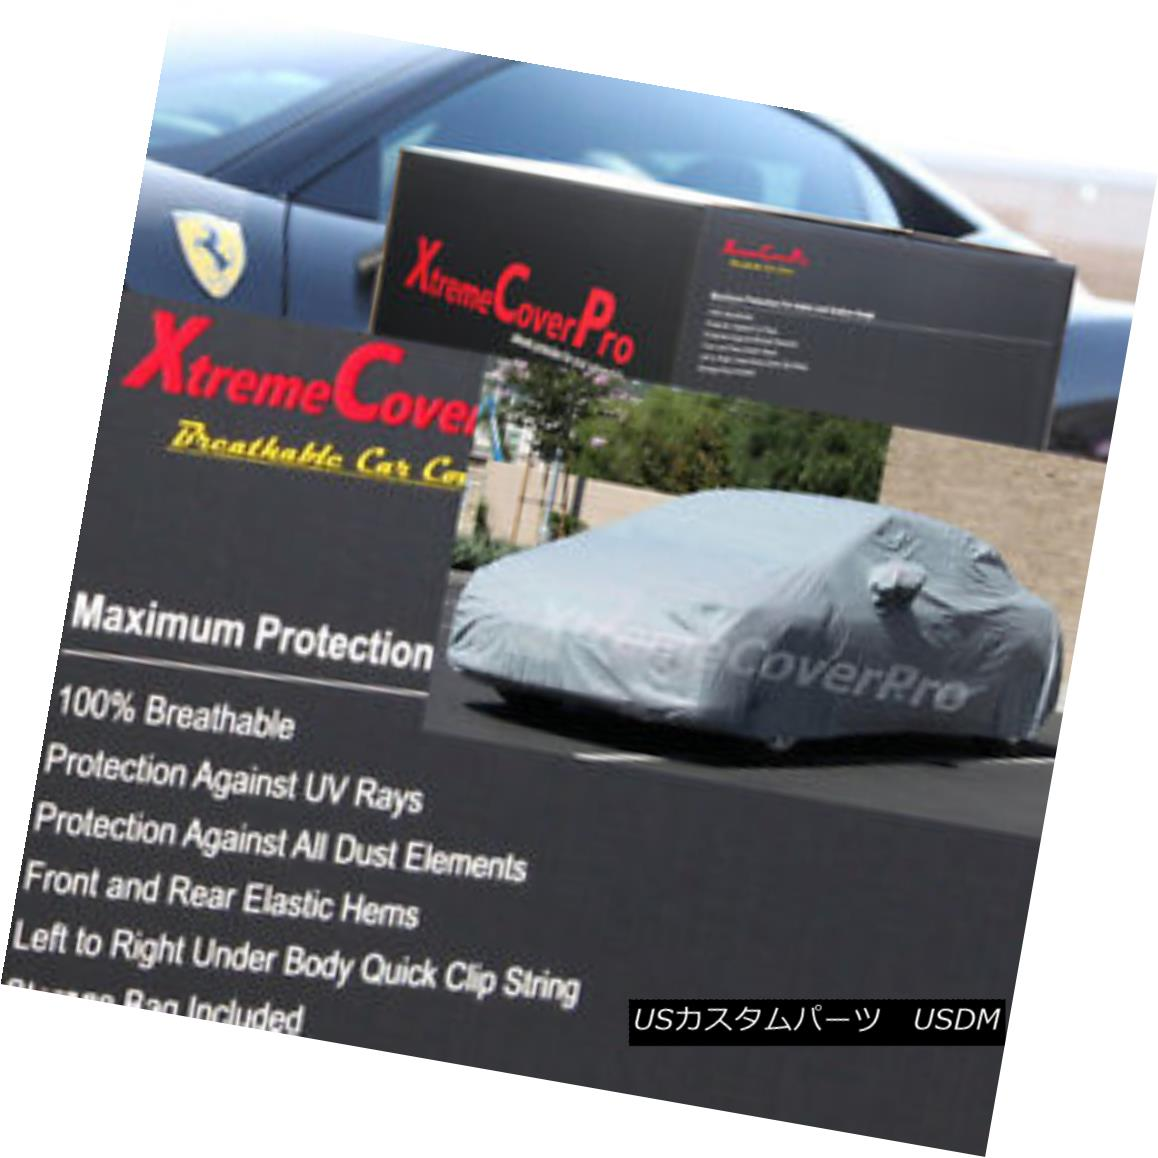 カーカバー 2007 2008 Honda Fit Breathable Car Cover w/MirrorPocket MirrorPocketを搭載した2007年のホンダフィット通気性車カバー